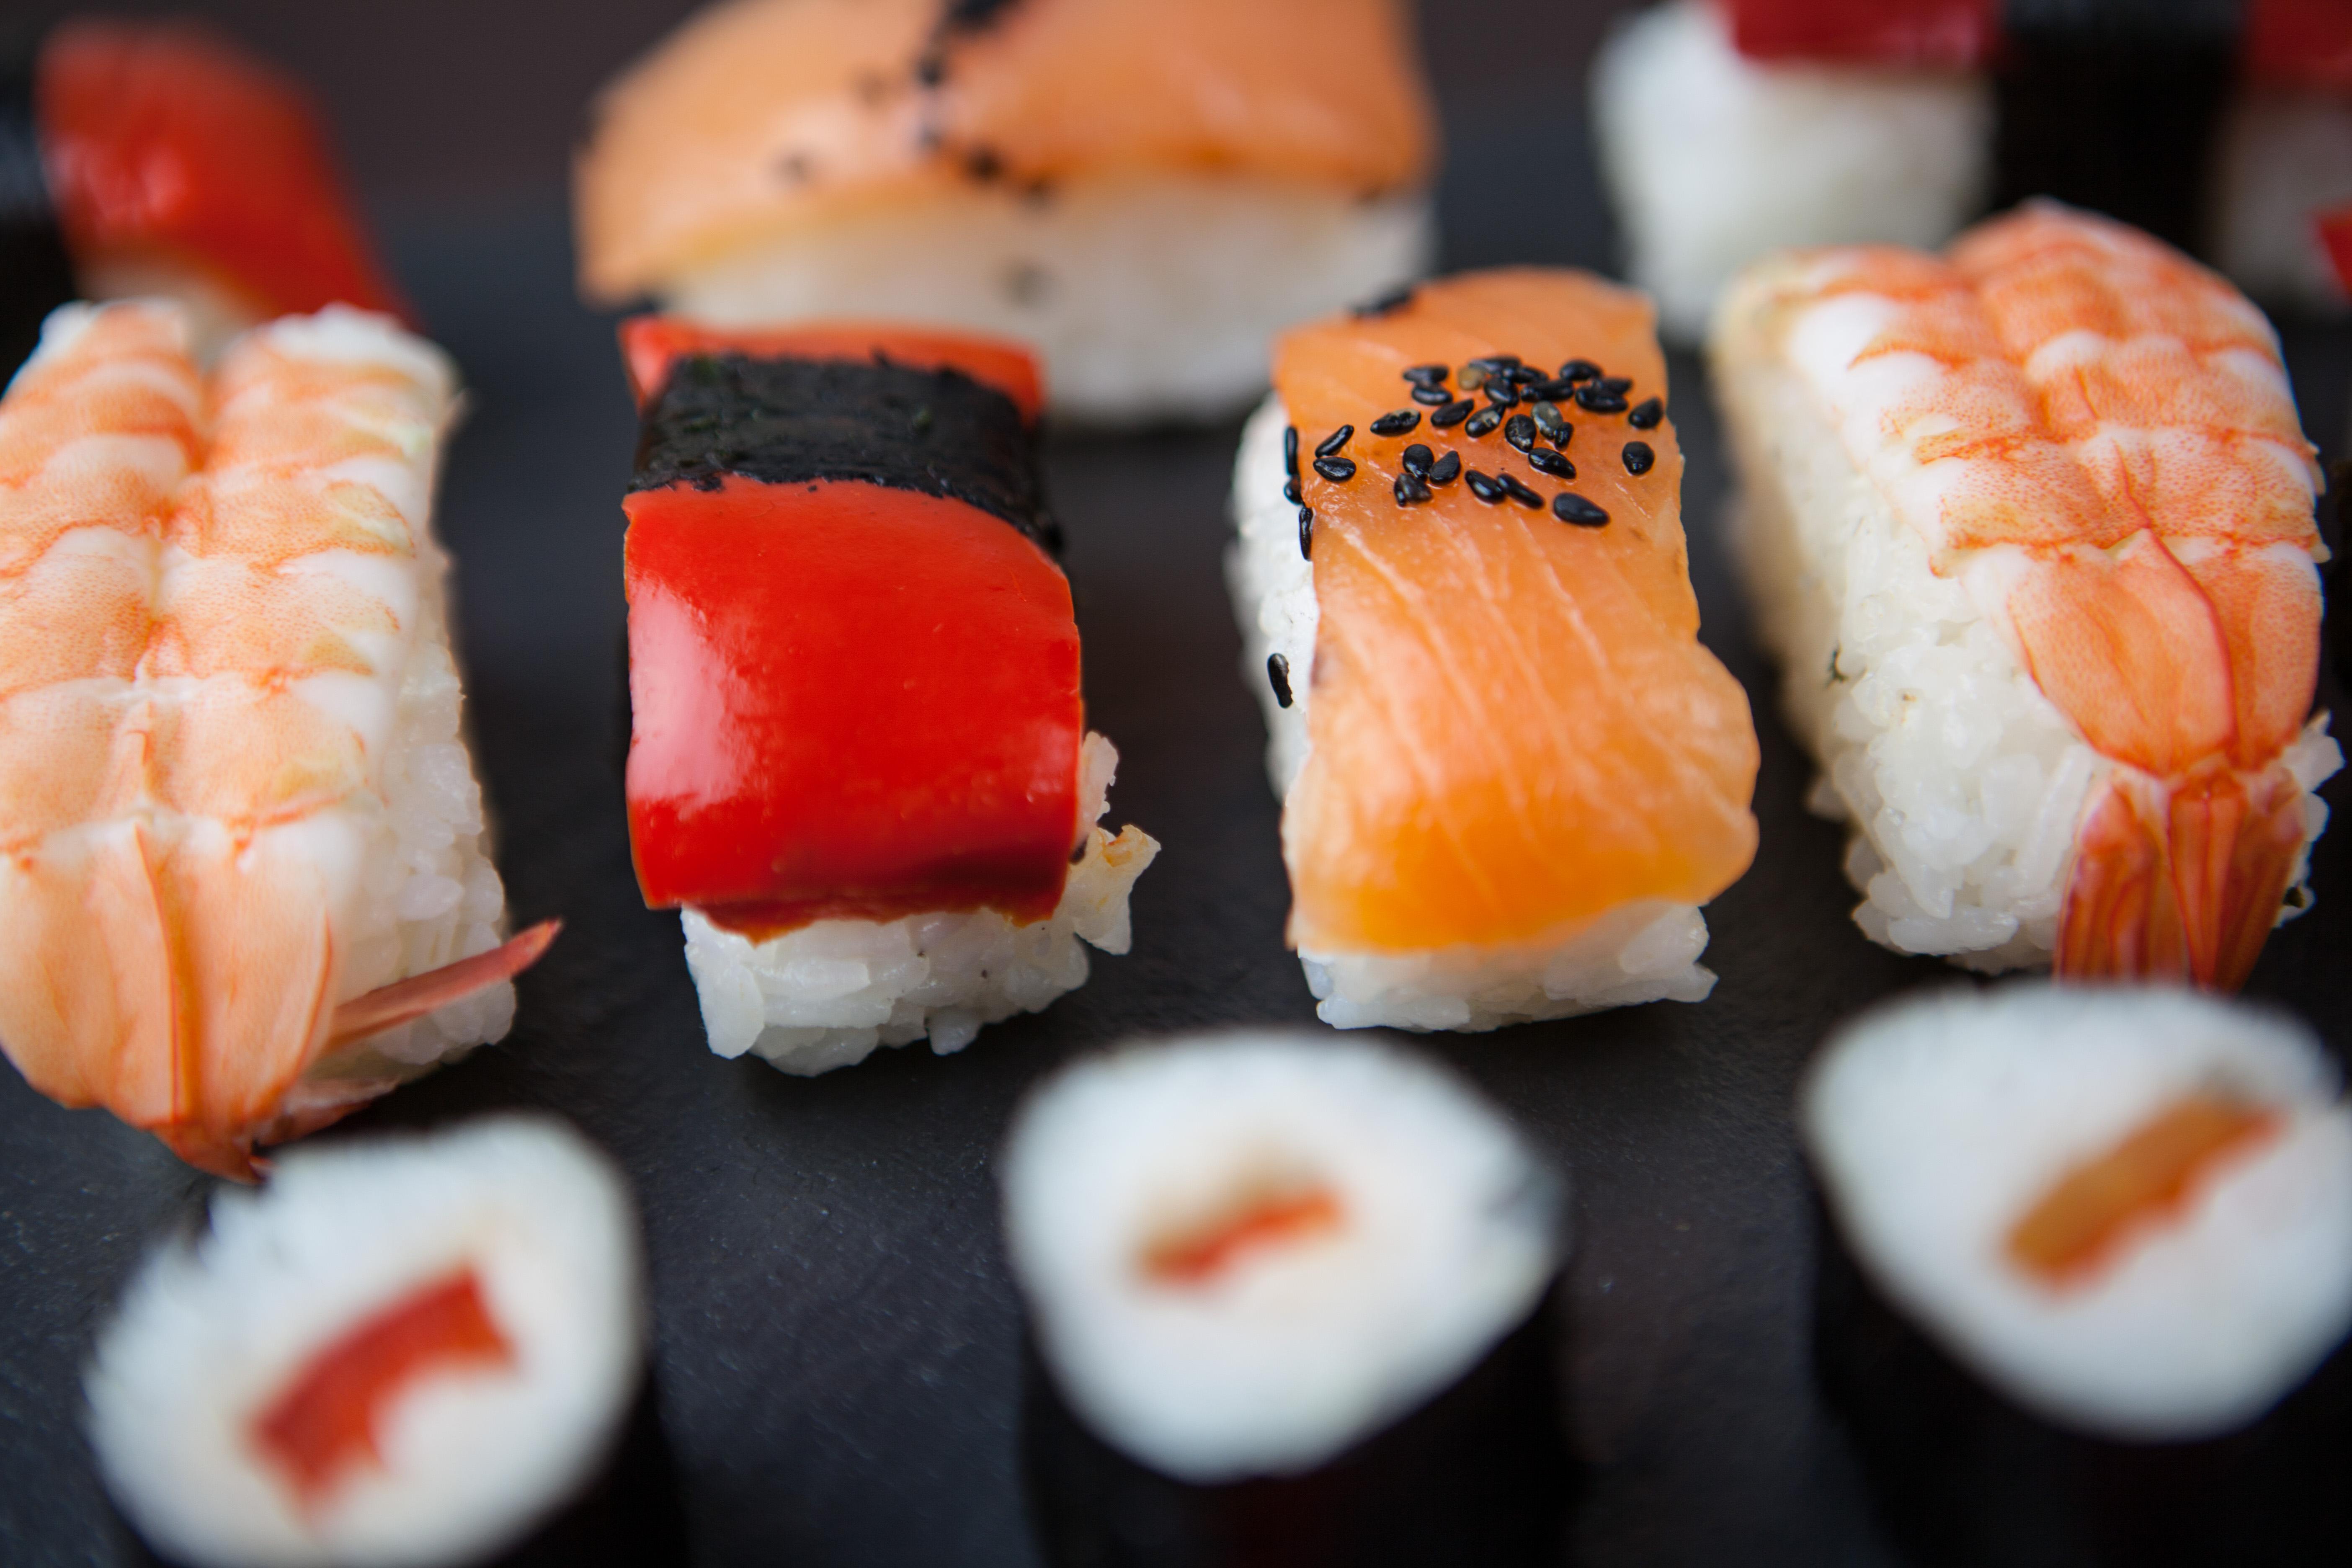 Les sushis sont-ils un bon choix?